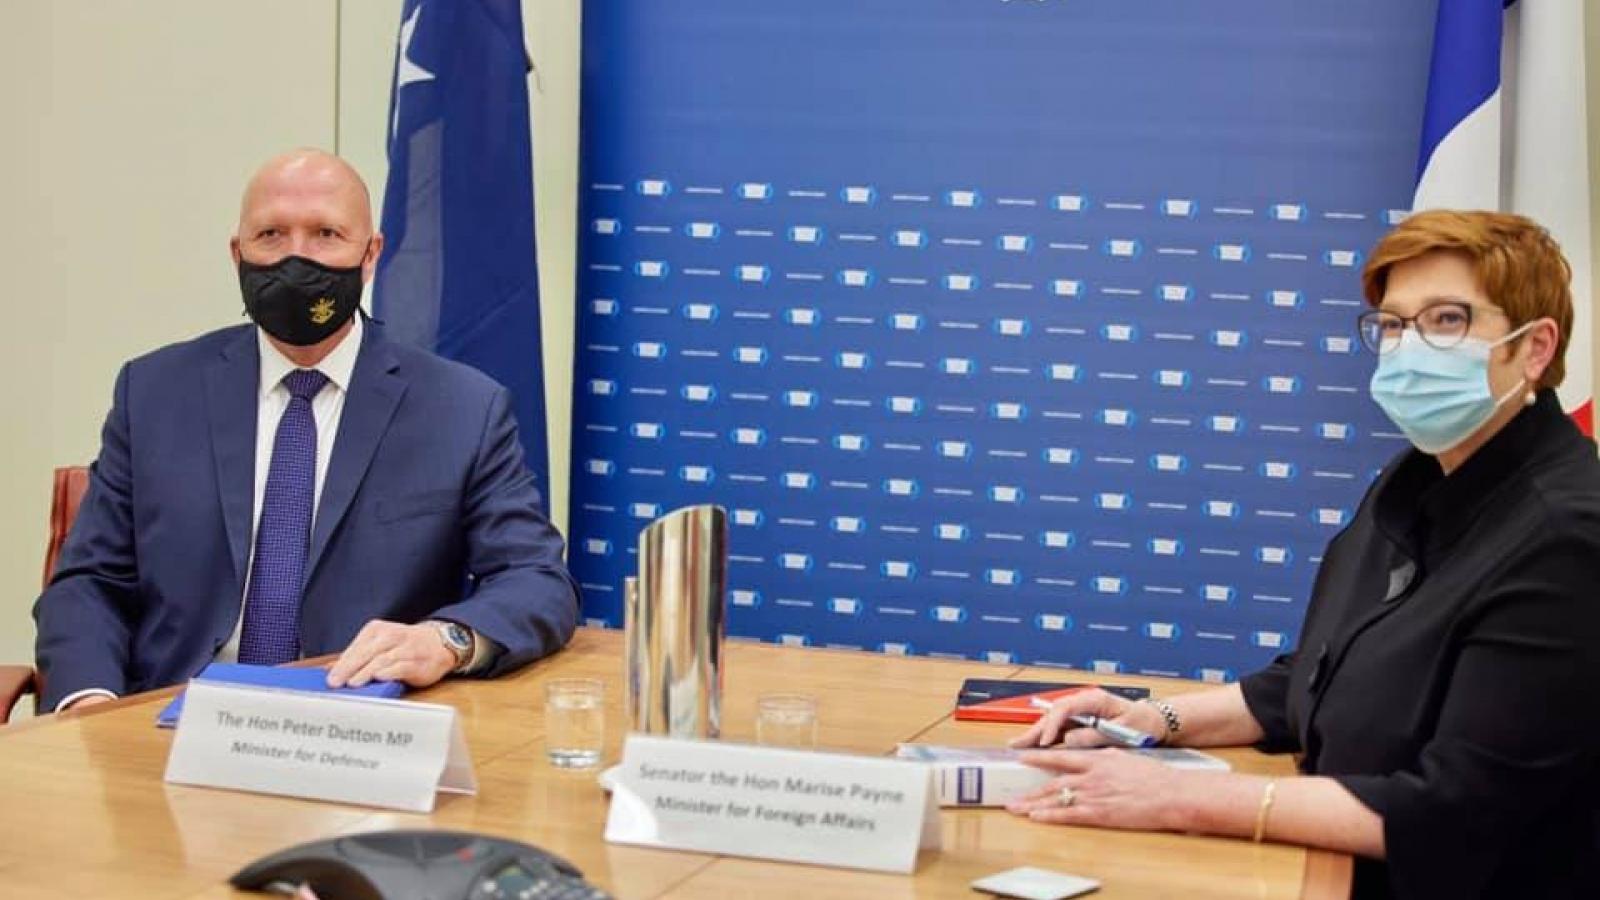 Australia và Pháp quan ngại về tình hình Biển Đông, phản đối hành động gây bất ổn